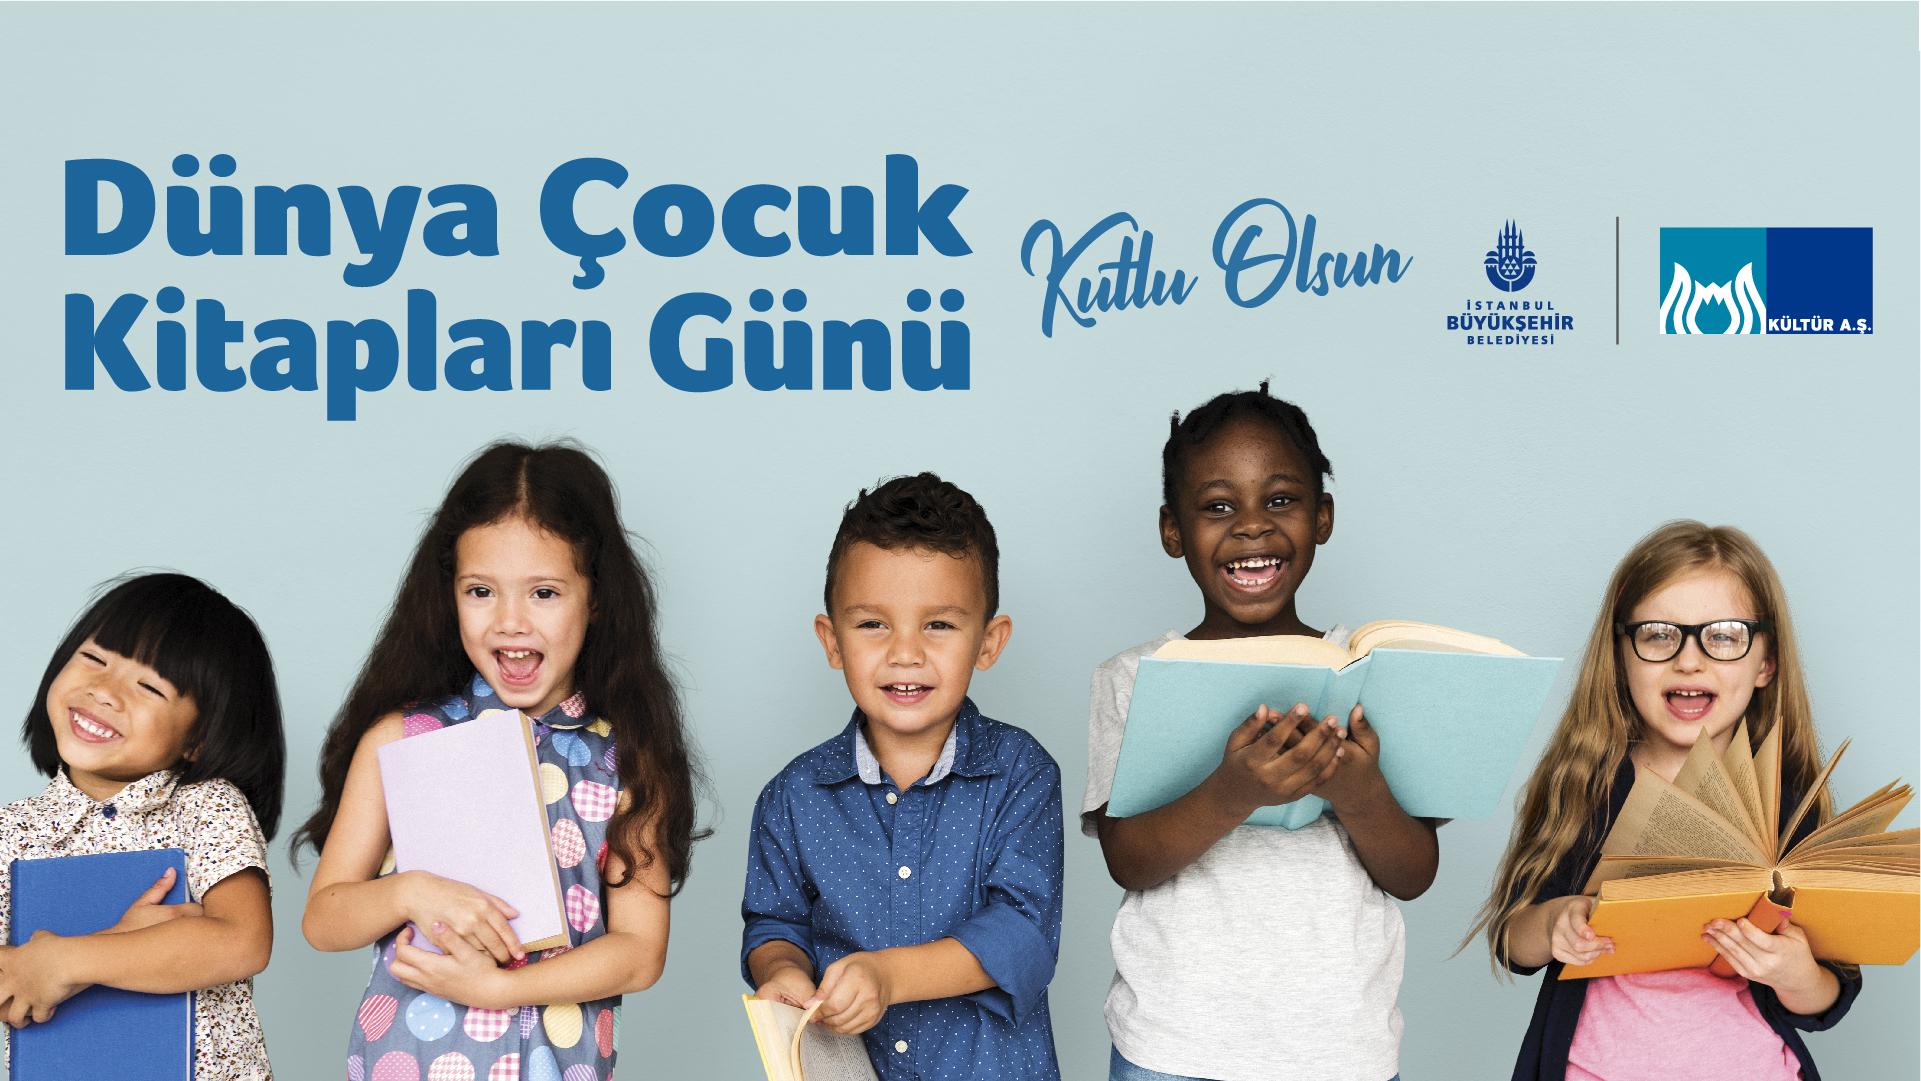 Dünya Çocuk Kitapları Günü'ne özel keyifli öneriler